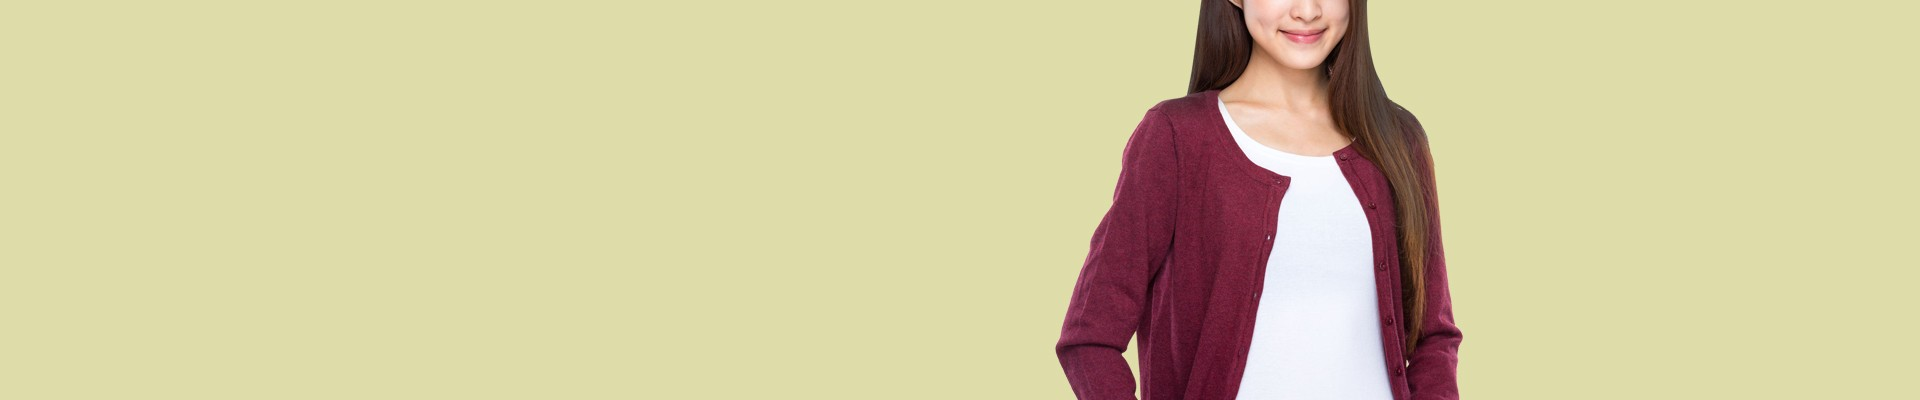 Jual Cardigan Wanita Wanita - Kardigan Model Terbaru